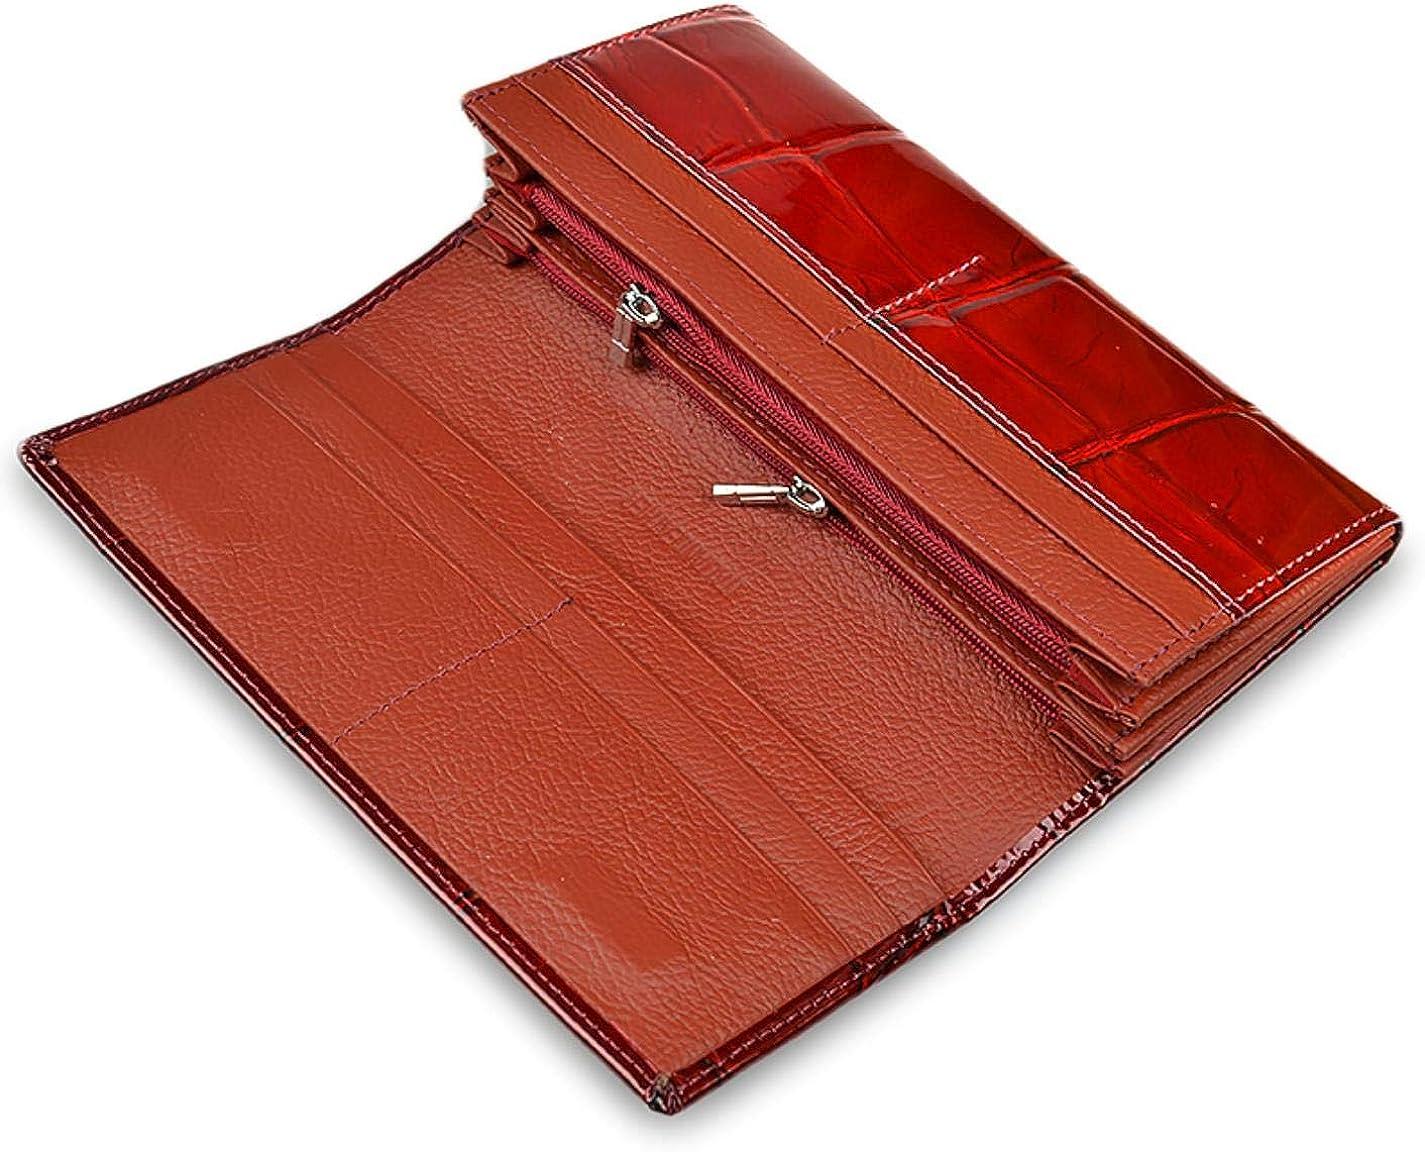 New Women Wallet Genuine Leather Feminine Clutch Wallets handbags